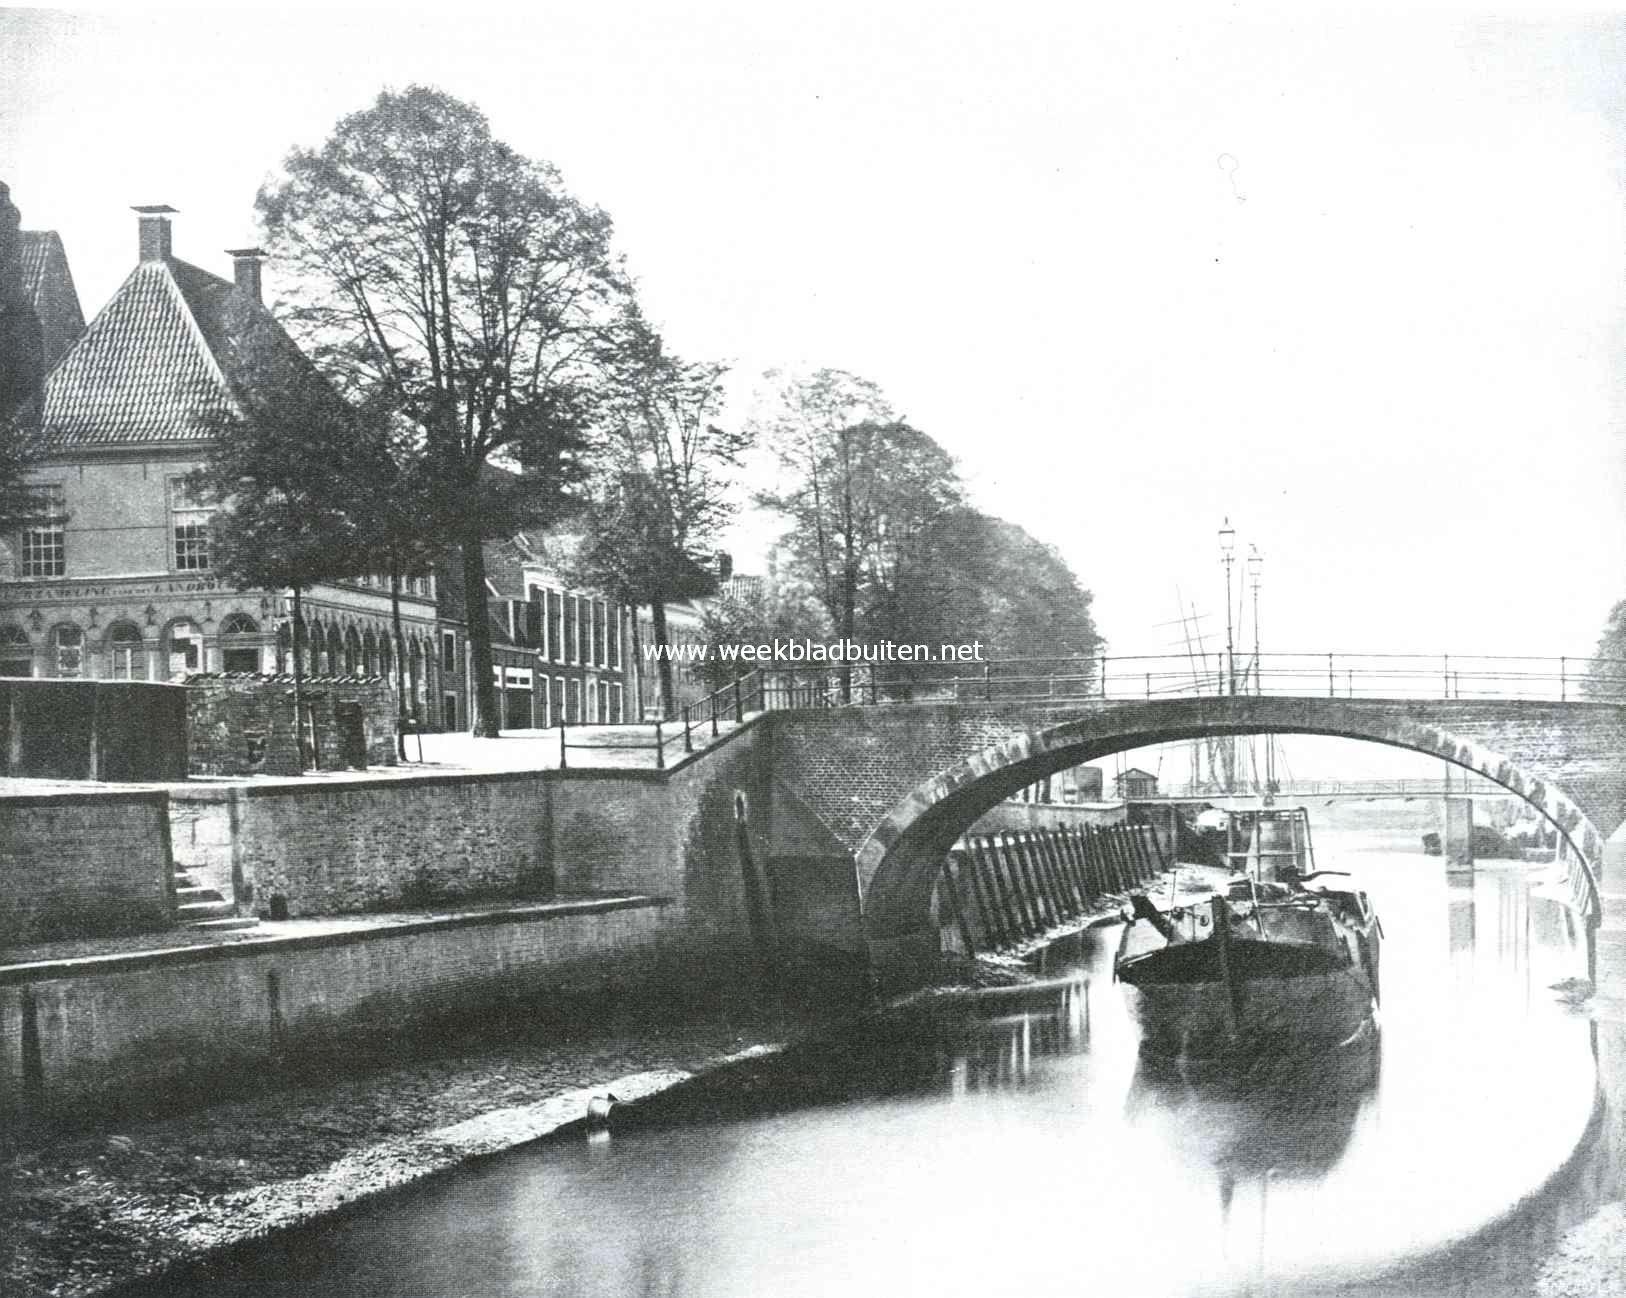 Sloopend herboren-Nederland. Oud stadsgezicht te Groningen met de Boteringe-boogbrug, afgebroken in 1886